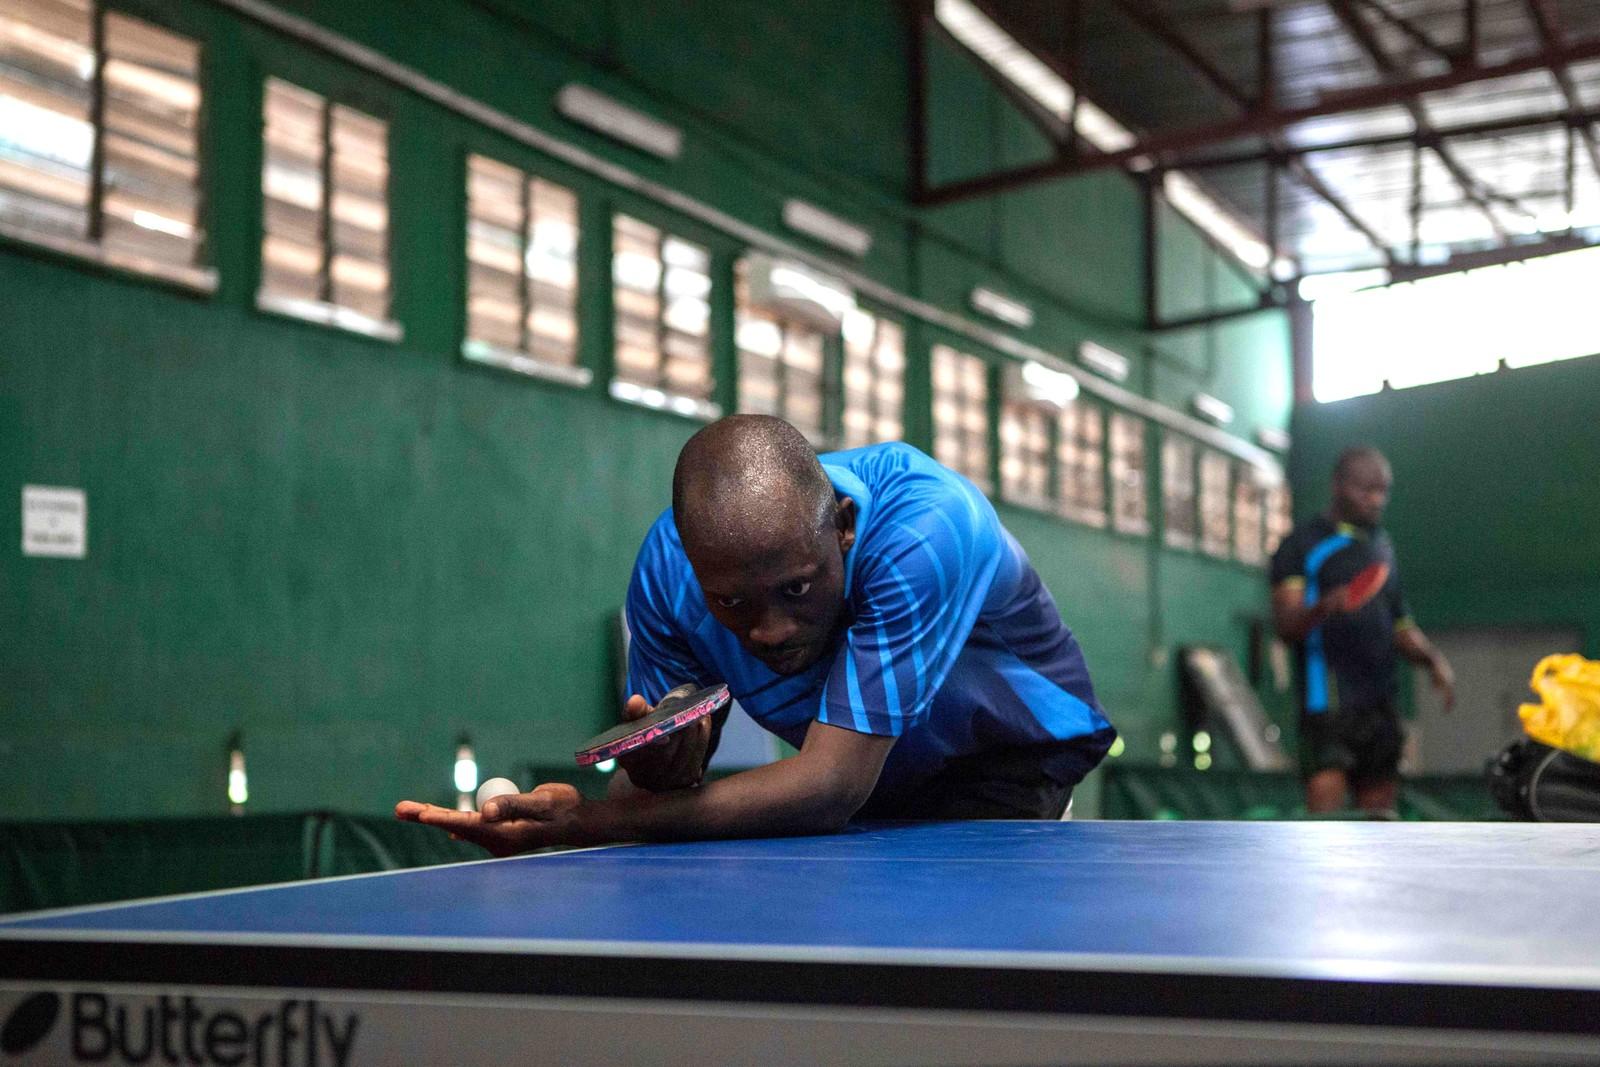 Den nigerianske bordtennisspilleren Segun Toriola trener i Lagos den 26. juli. 41-åringen skal være med i OL i Rio i Brasil, og vil da skrive historie som den første afrikaneren som har konkurrert i sju OL.